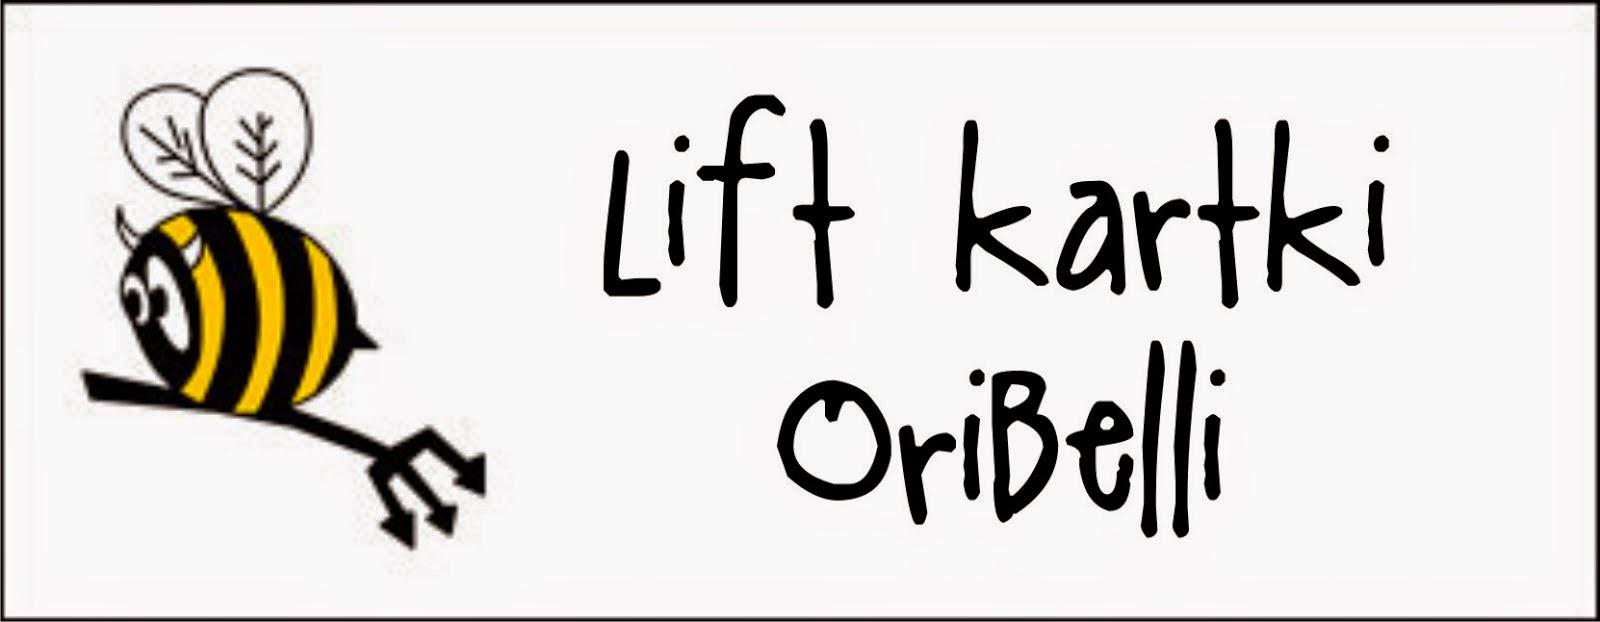 http://diabelskimlyn.blogspot.com/2014/04/lift-kartki-oribelli.html